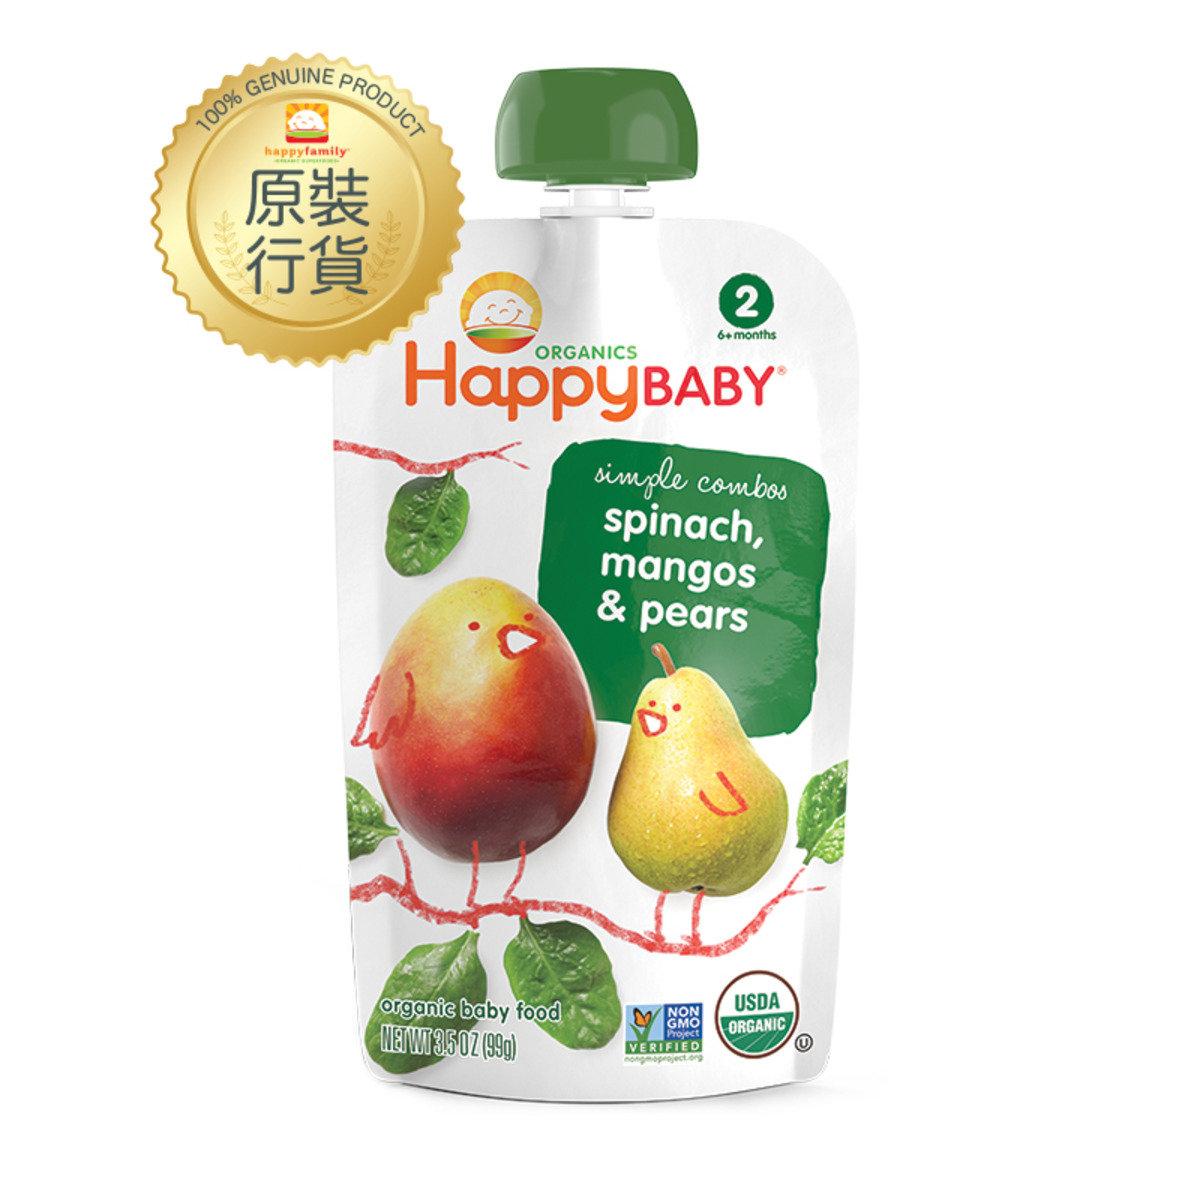 有機菠菜,芒果&香梨嬰兒食品 113g (第二階段)